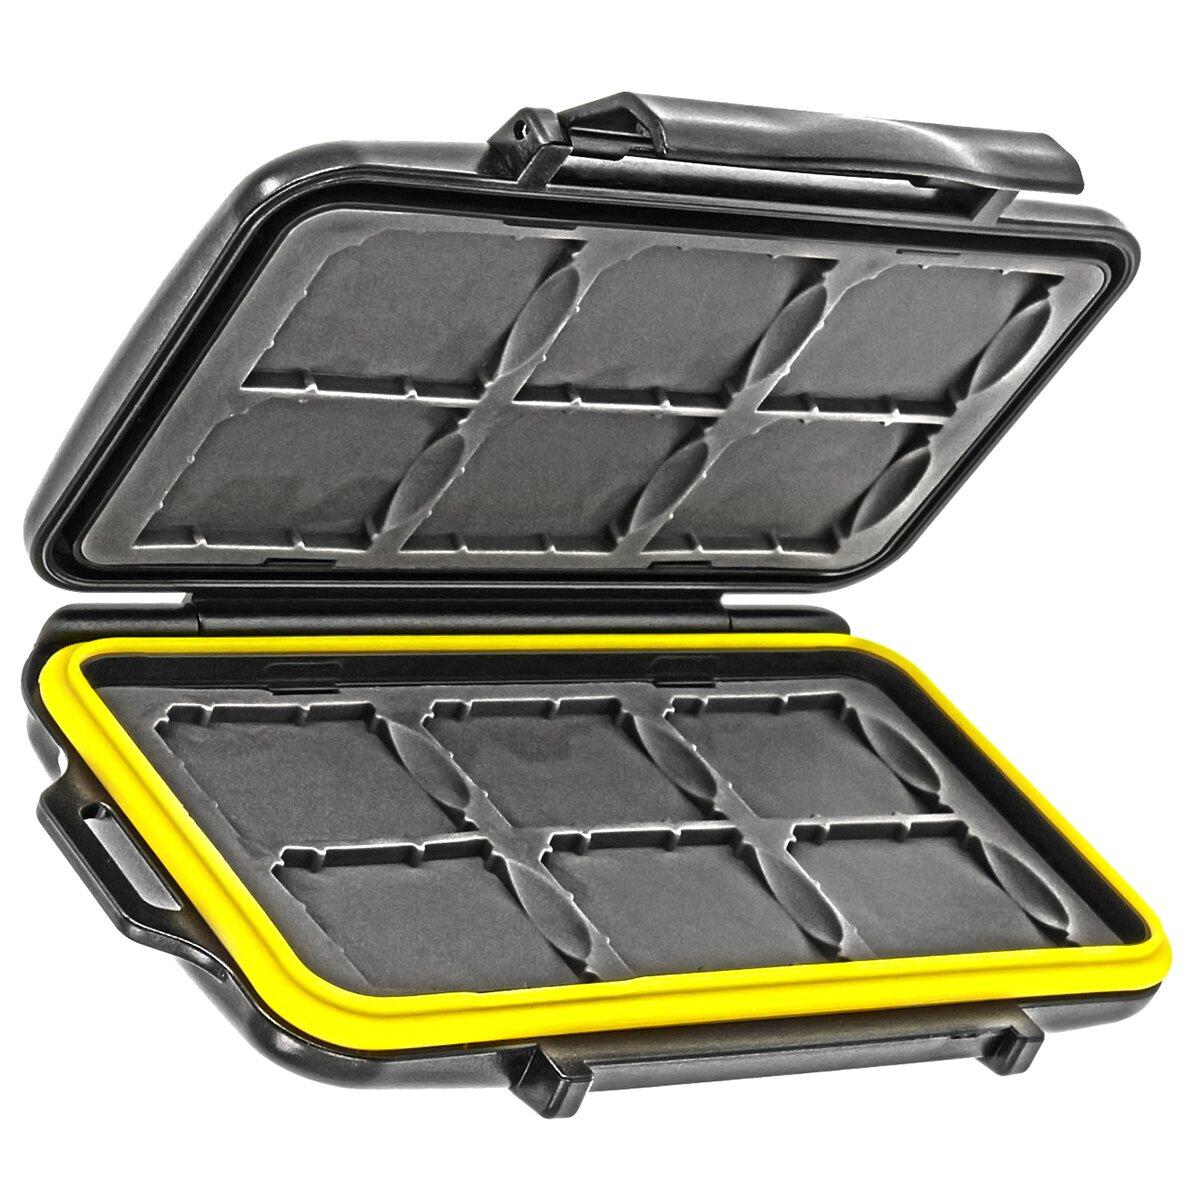 Wasserdichtes Speicherkarten Hardcase Etui Schutzbox fuer 12x SD, SDHC, SDXC